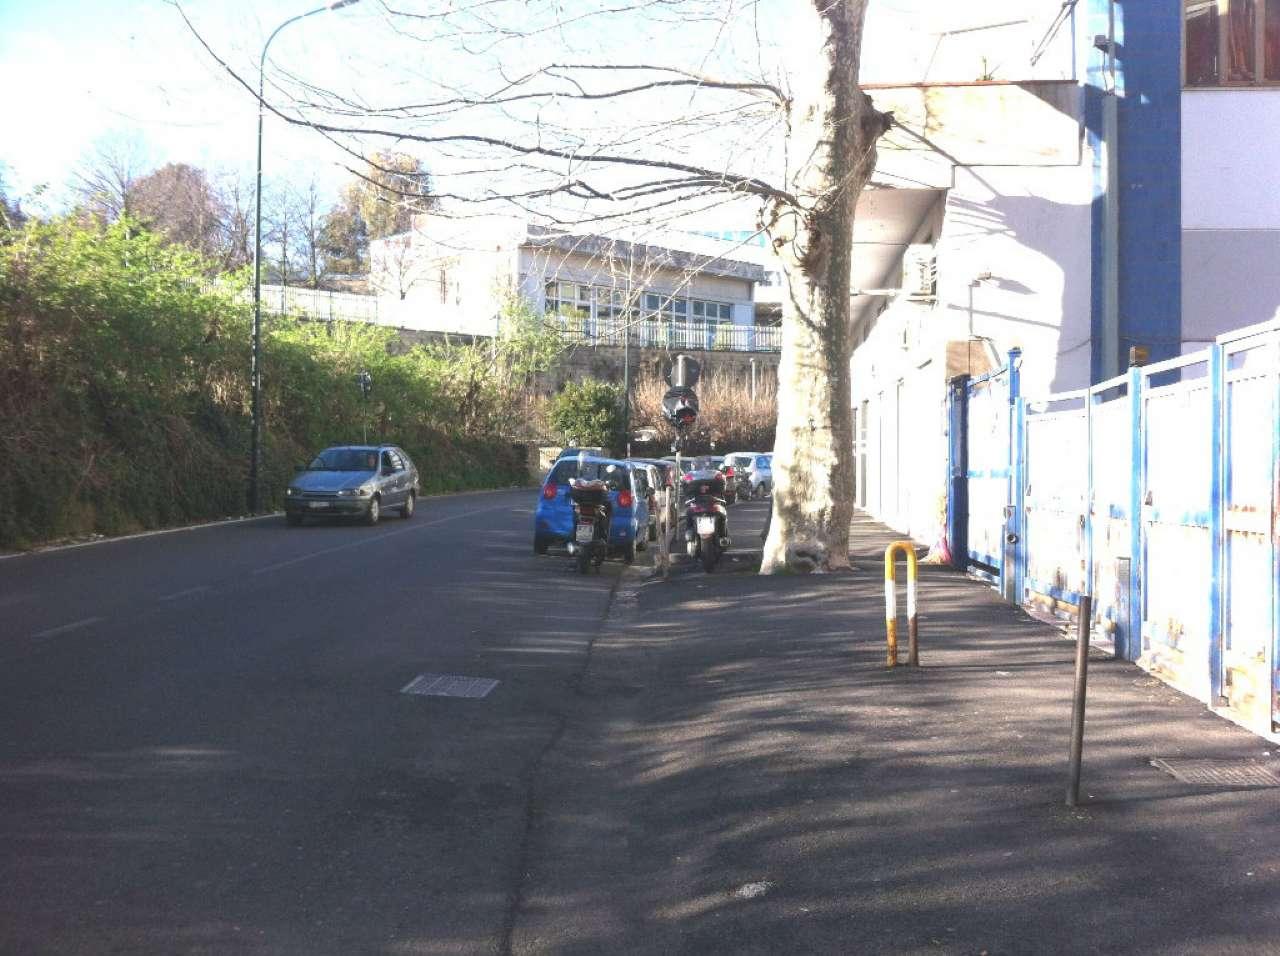 Appartamento in vendita 4 vani 108 mq.  via VIA GABRIELE JANNELI Napoli